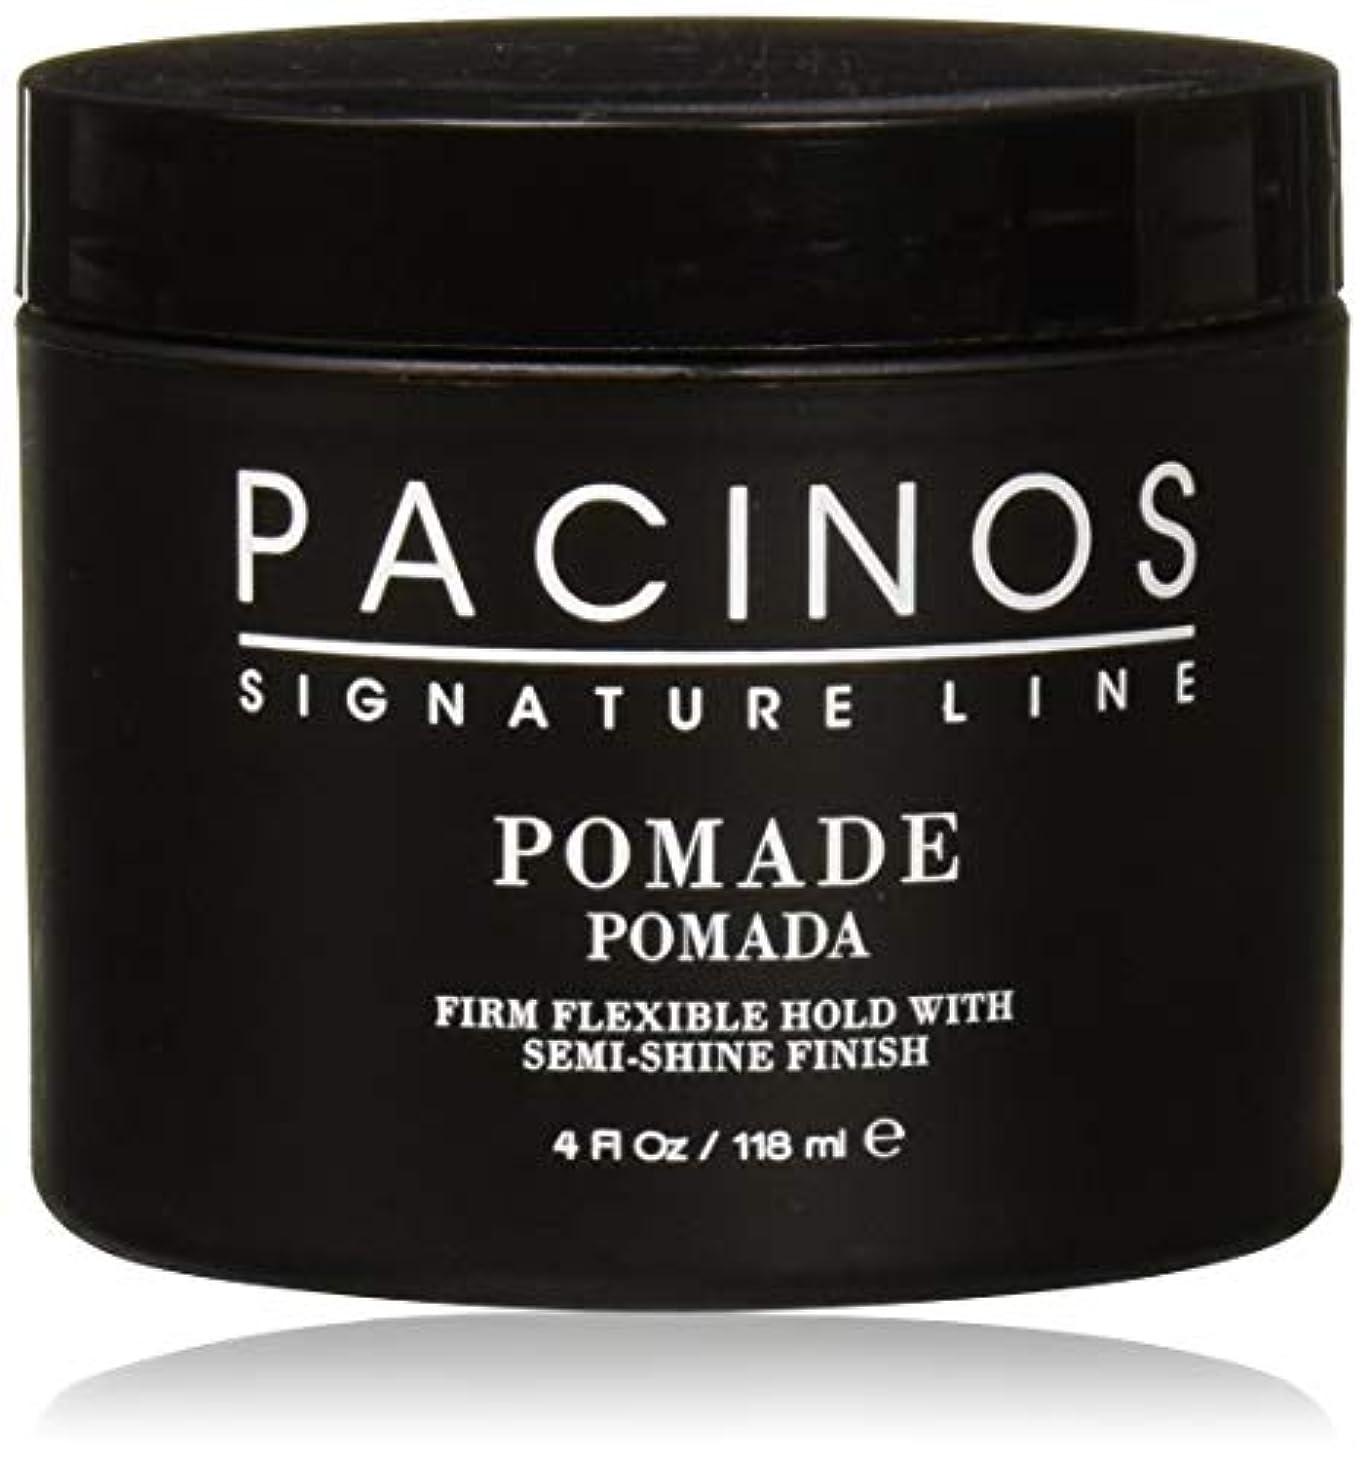 製造時間アジテーションPacinos Pomade パチーノス?ポマード【日本正規品】4oz(118g)